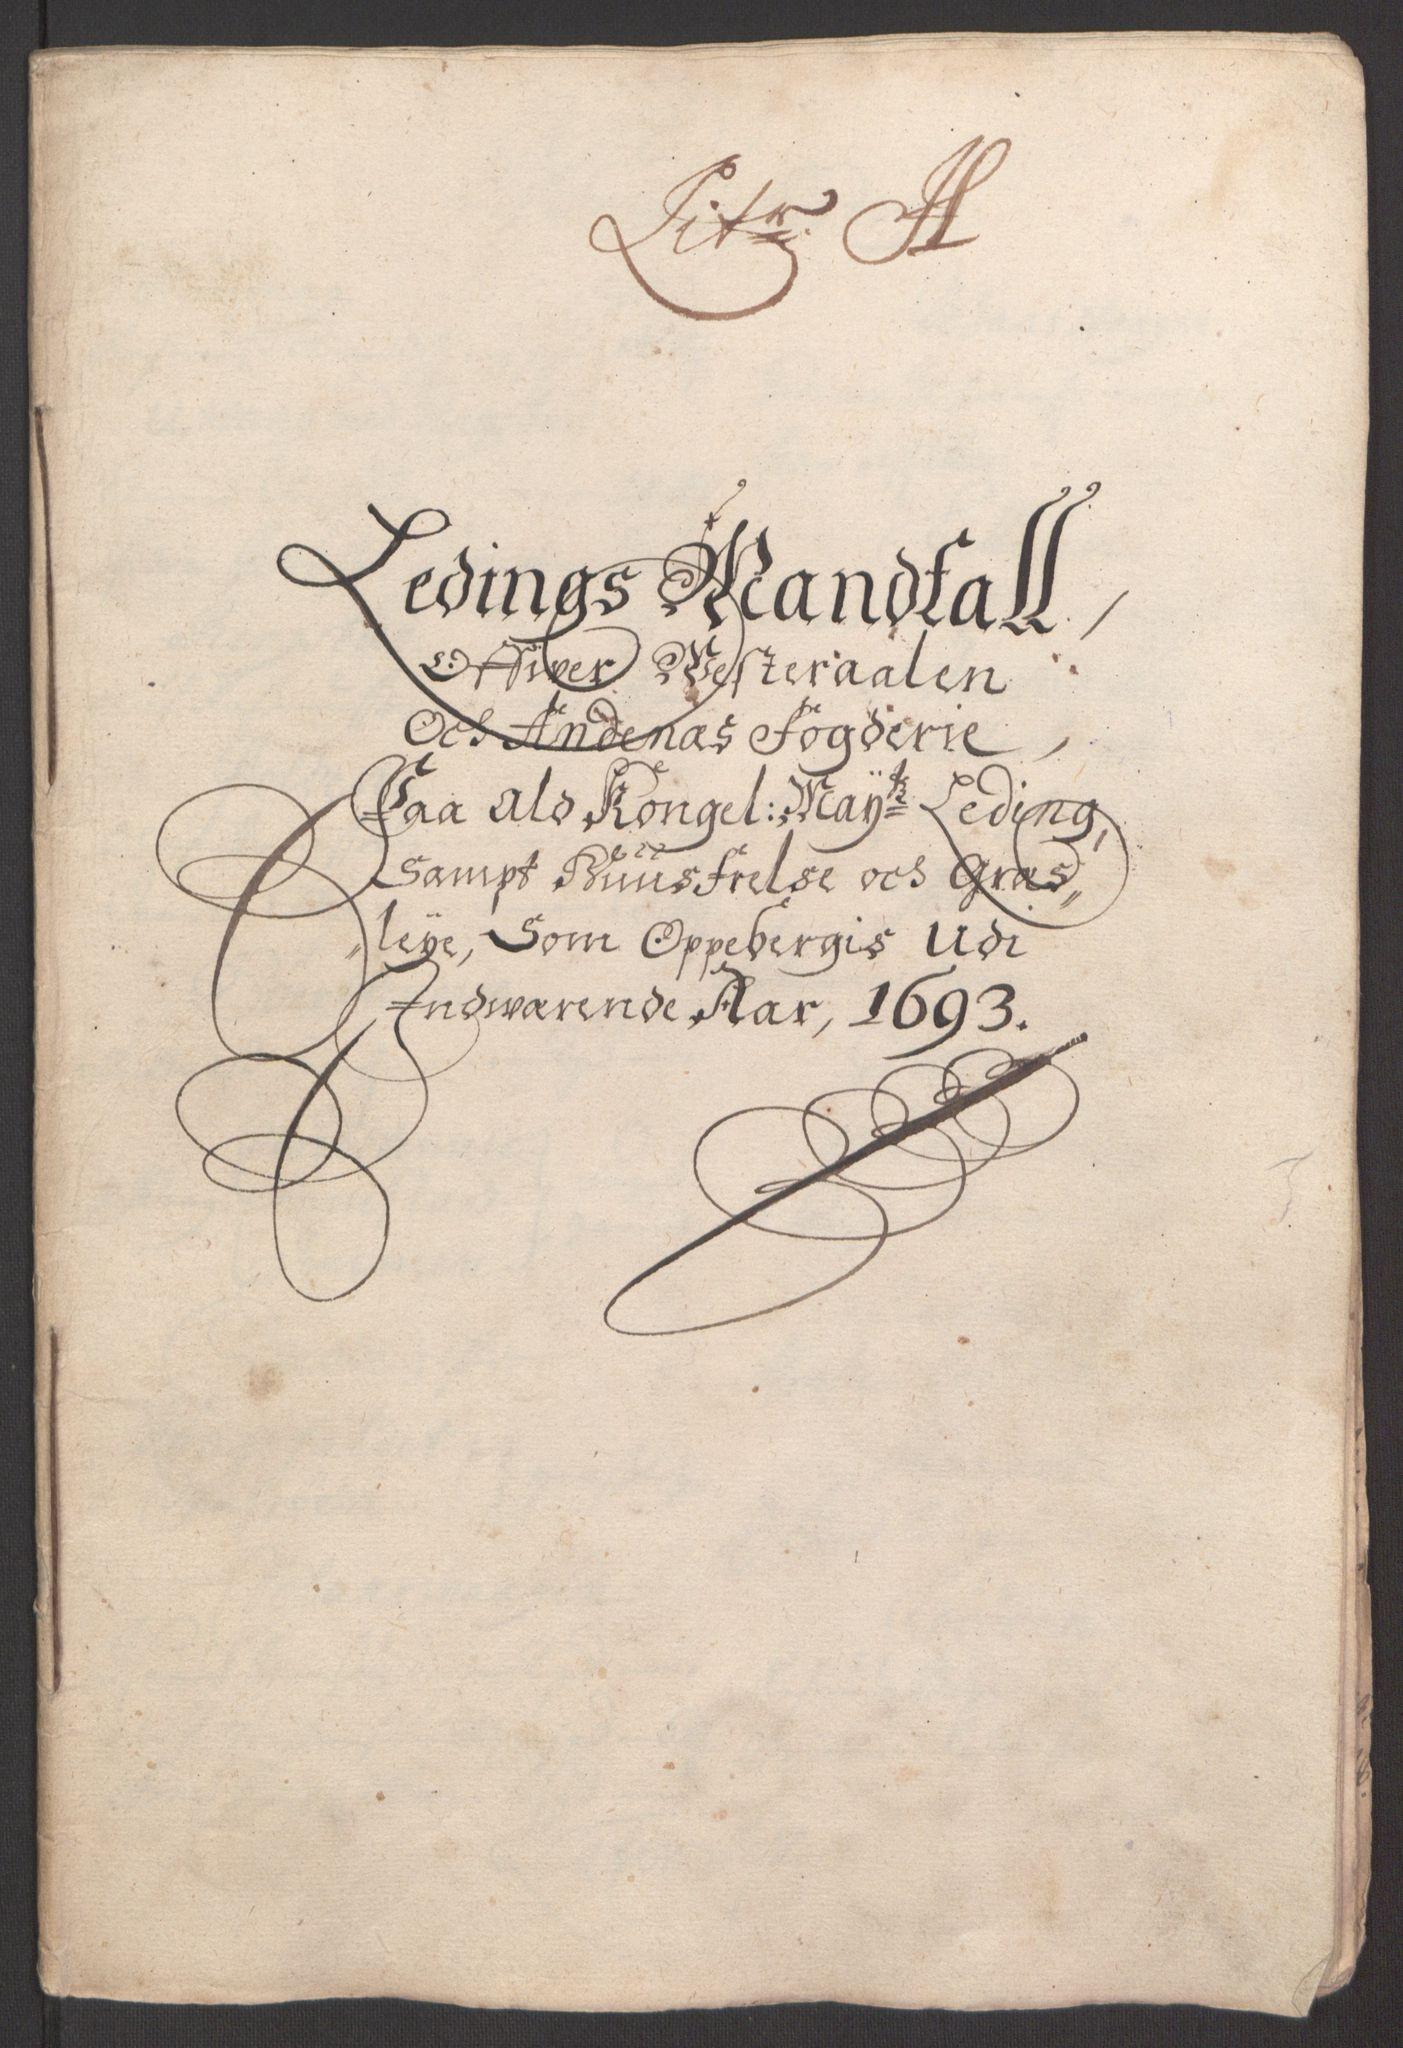 RA, Rentekammeret inntil 1814, Reviderte regnskaper, Fogderegnskap, R67/L4676: Fogderegnskap Vesterålen, Andenes og Lofoten, 1691-1693, s. 301